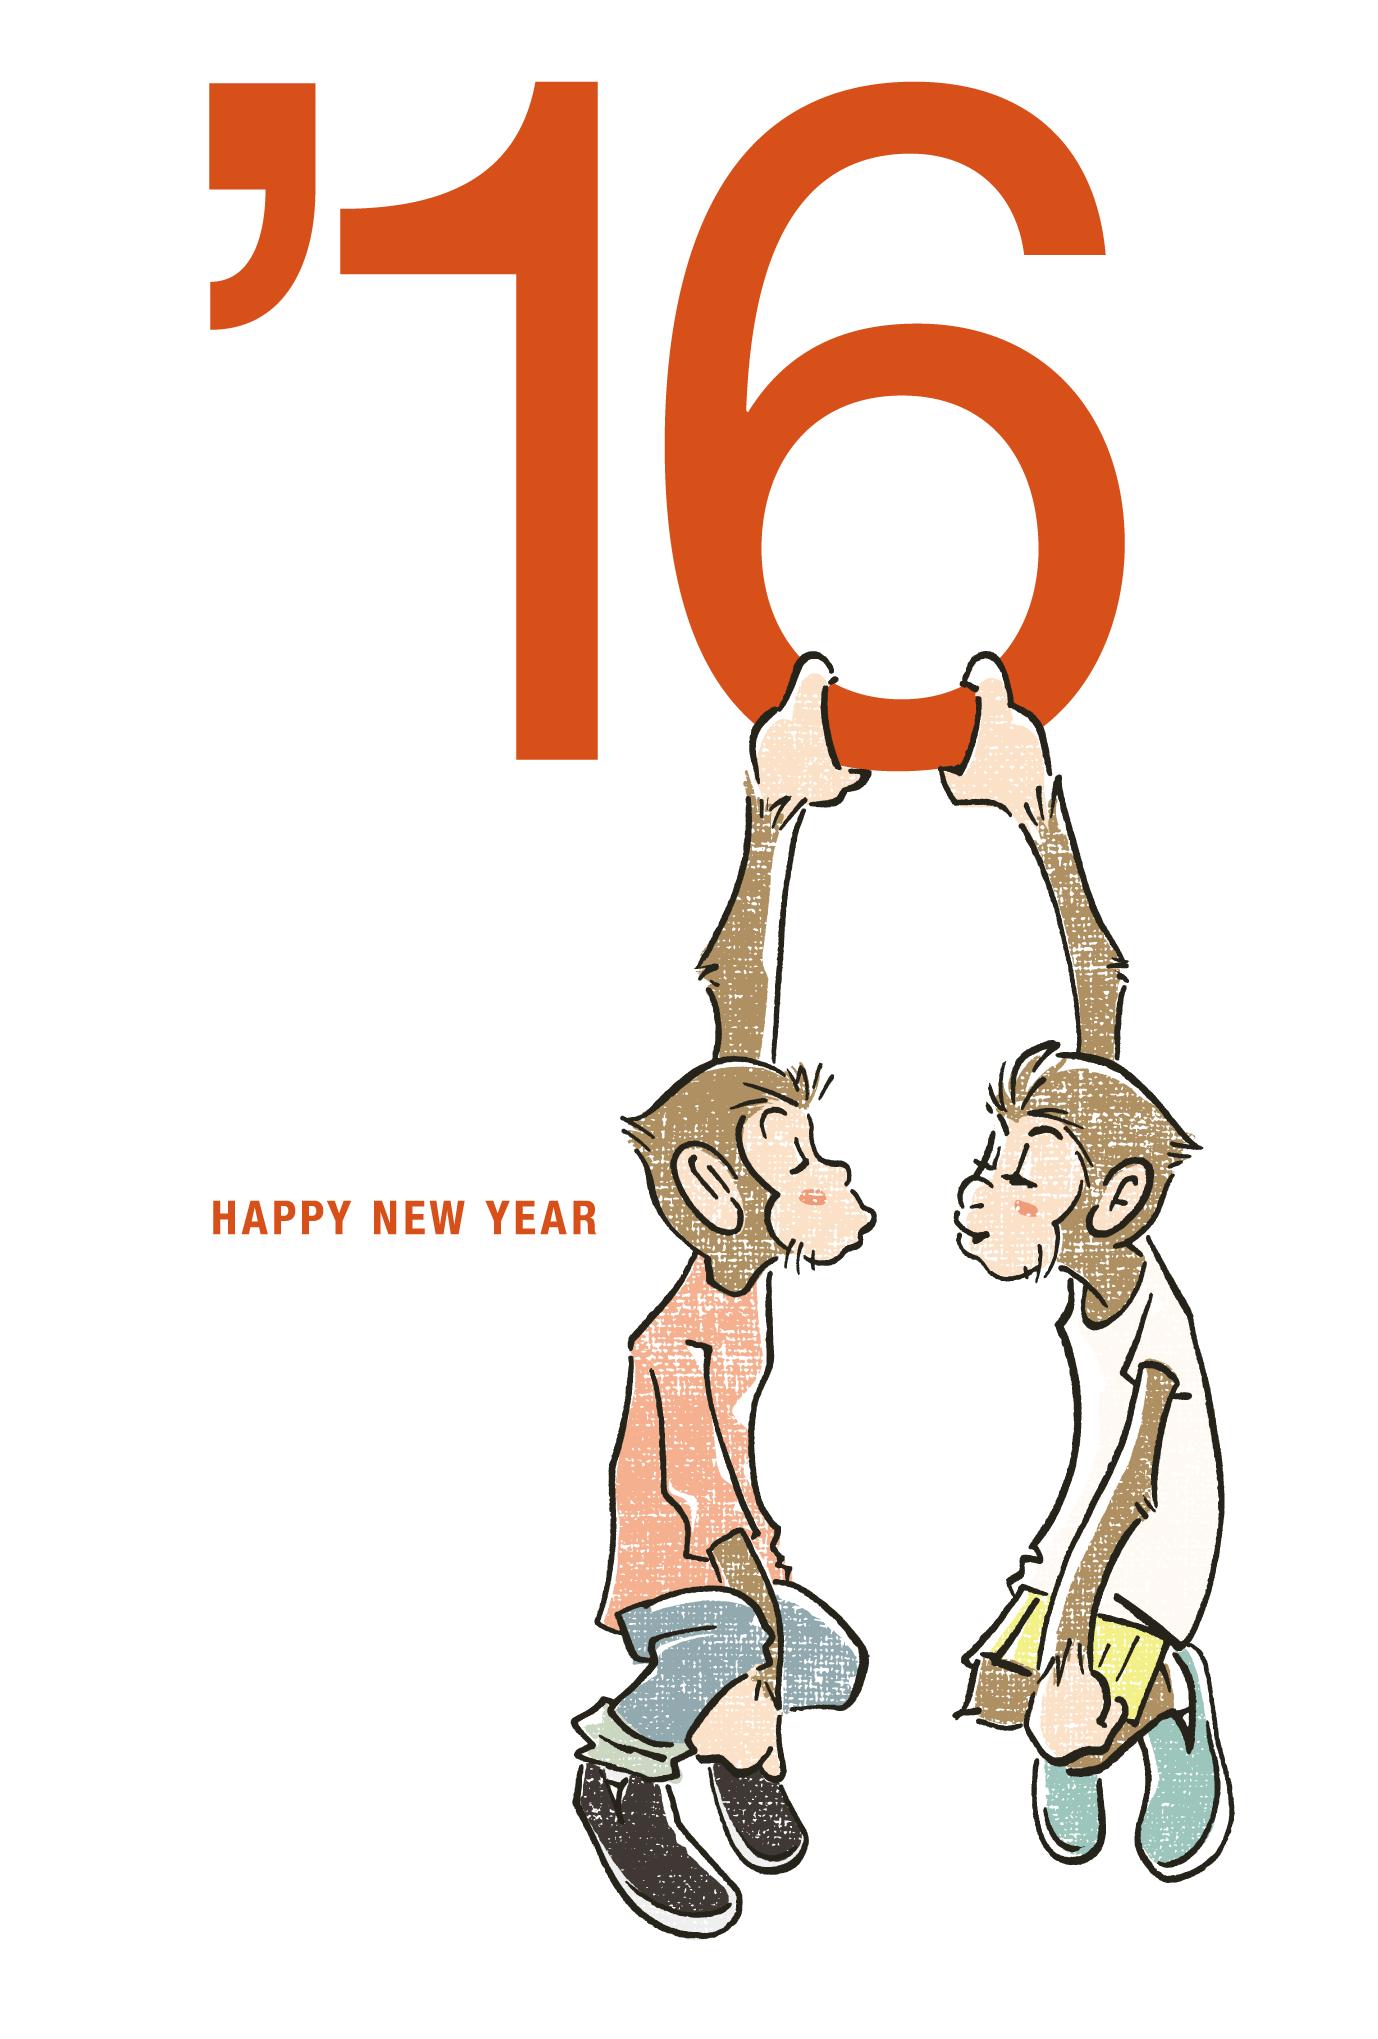 2016年賀状08:New year kiss '16のダウンロード画像